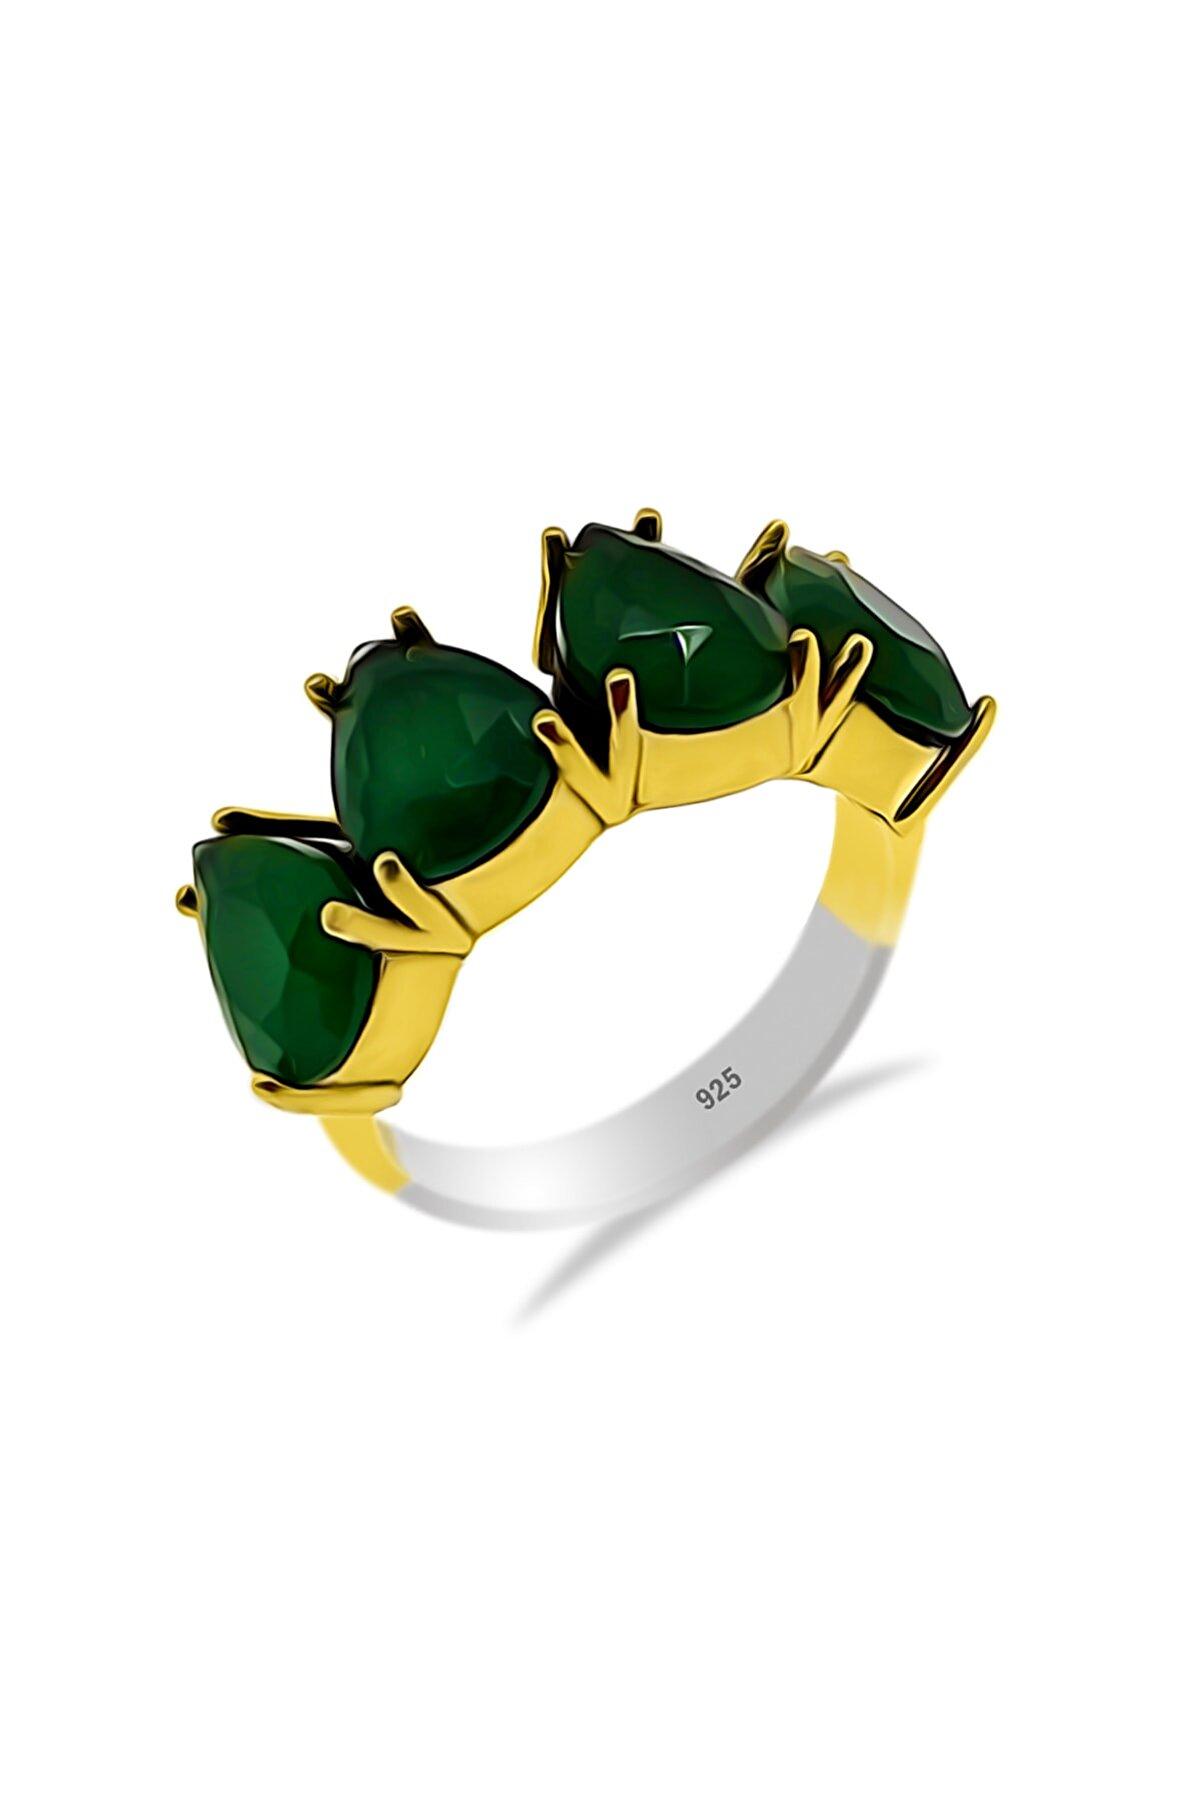 Aykat Kadın Kök Zümrüt Taşlı Yüzük Otantik Gümüş Yüzüğü Modeli Yüzük Yzk-230